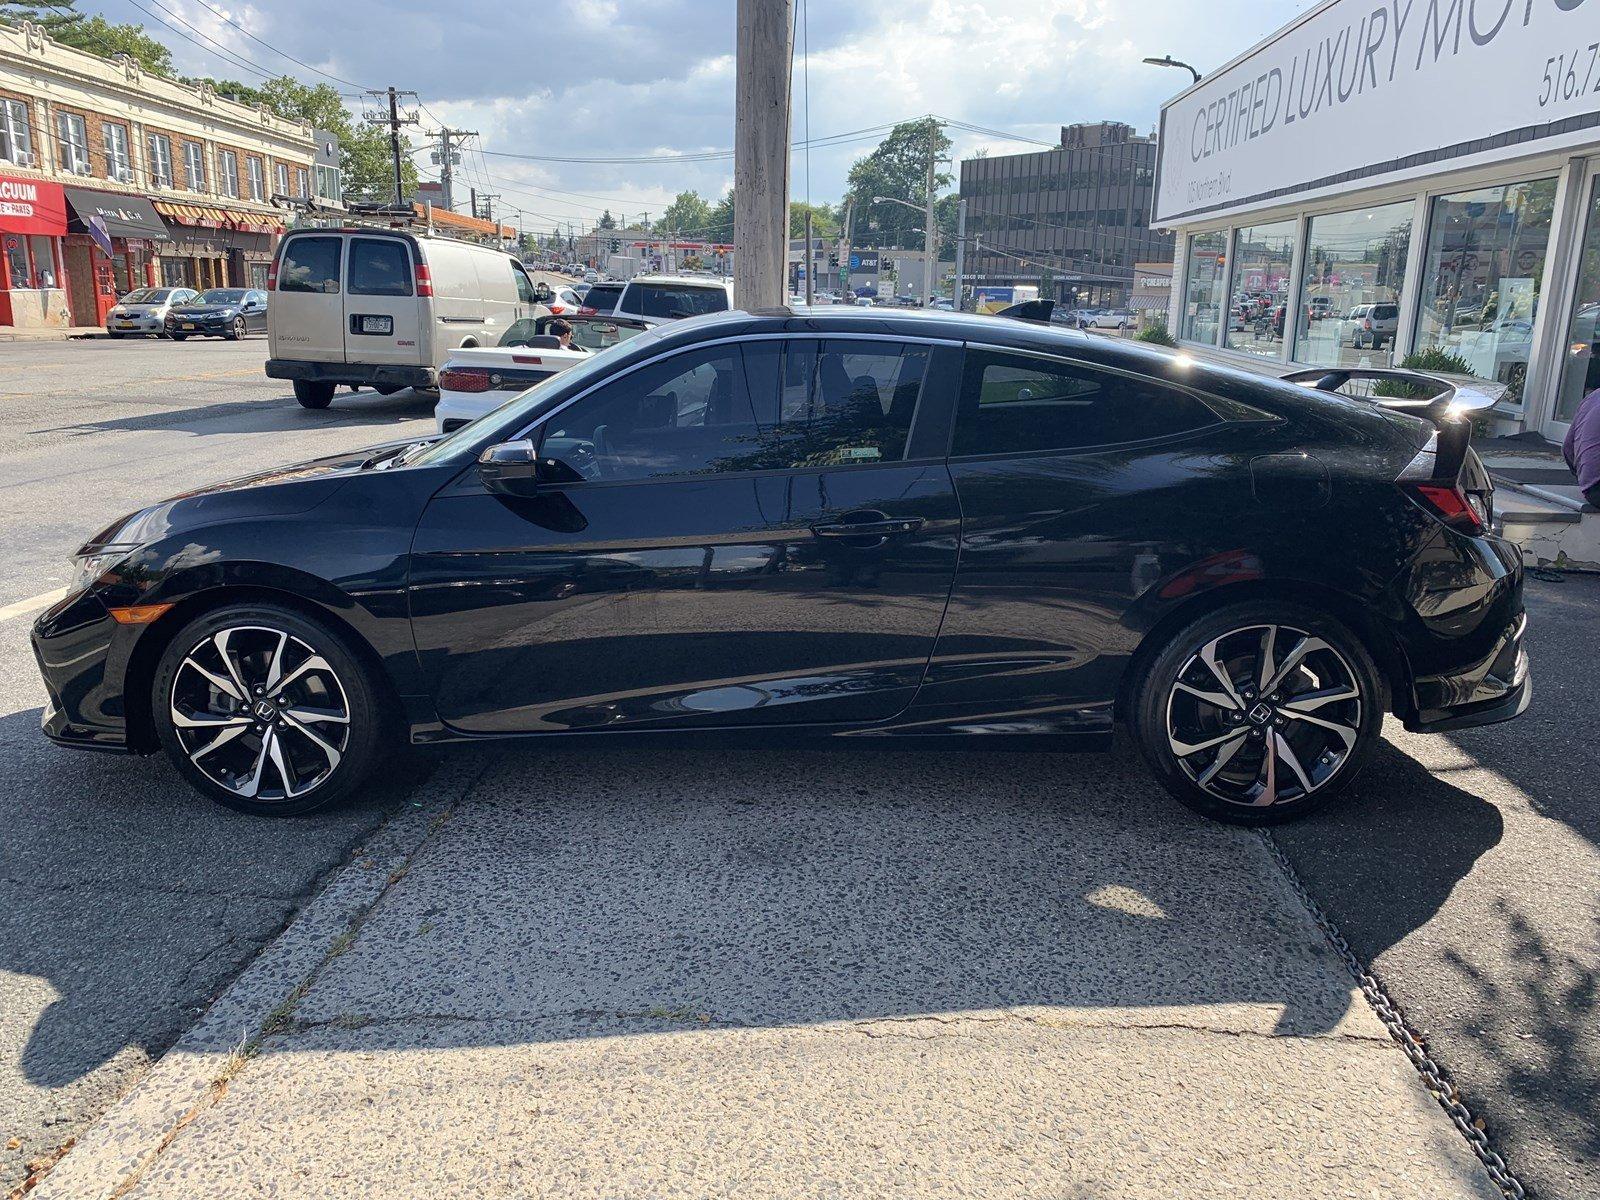 Used-2018-Honda-Civic-Si-Coupe